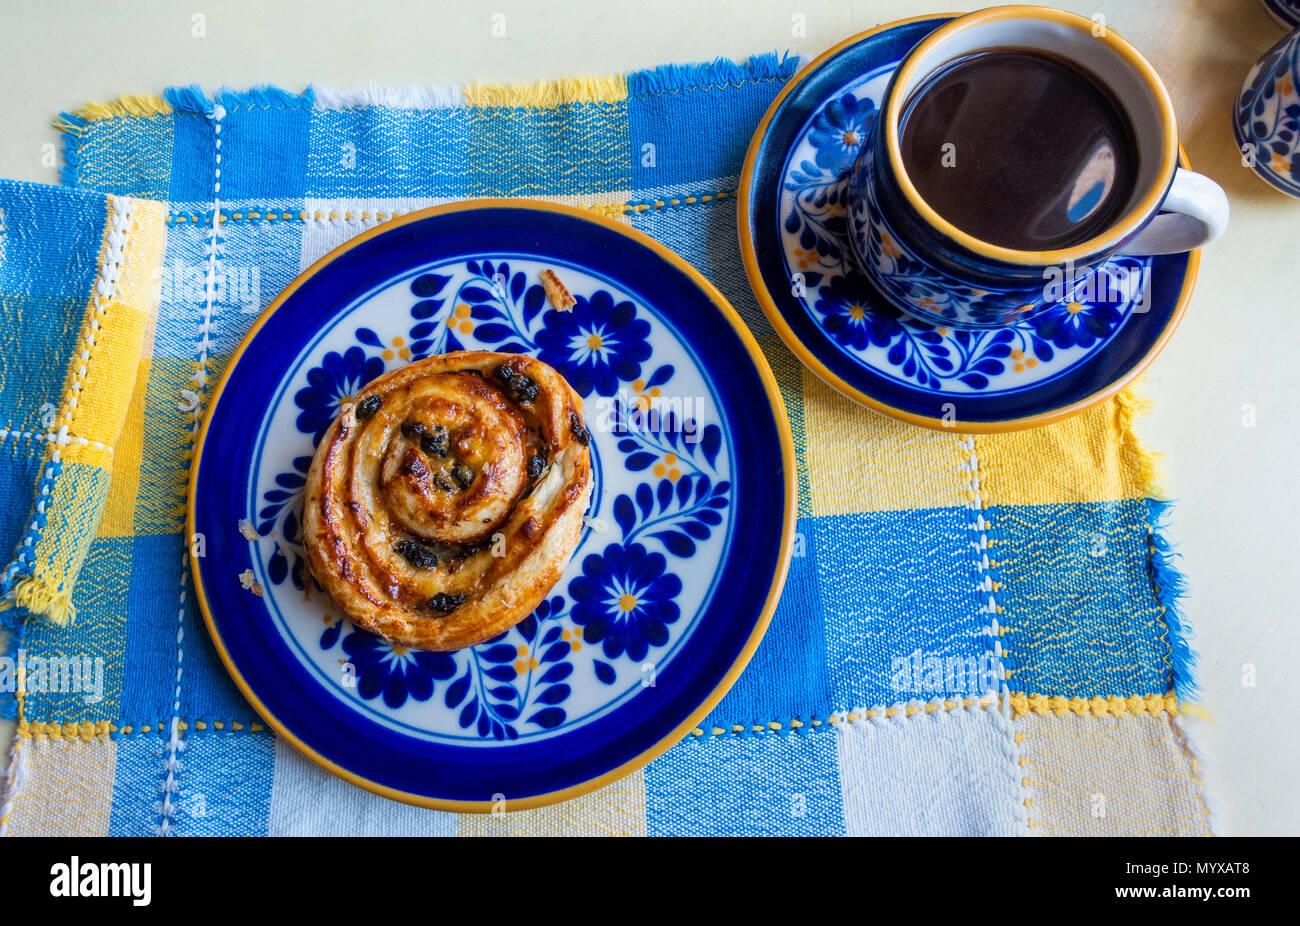 cinnamon-raisin-danish-pastry-and-black-